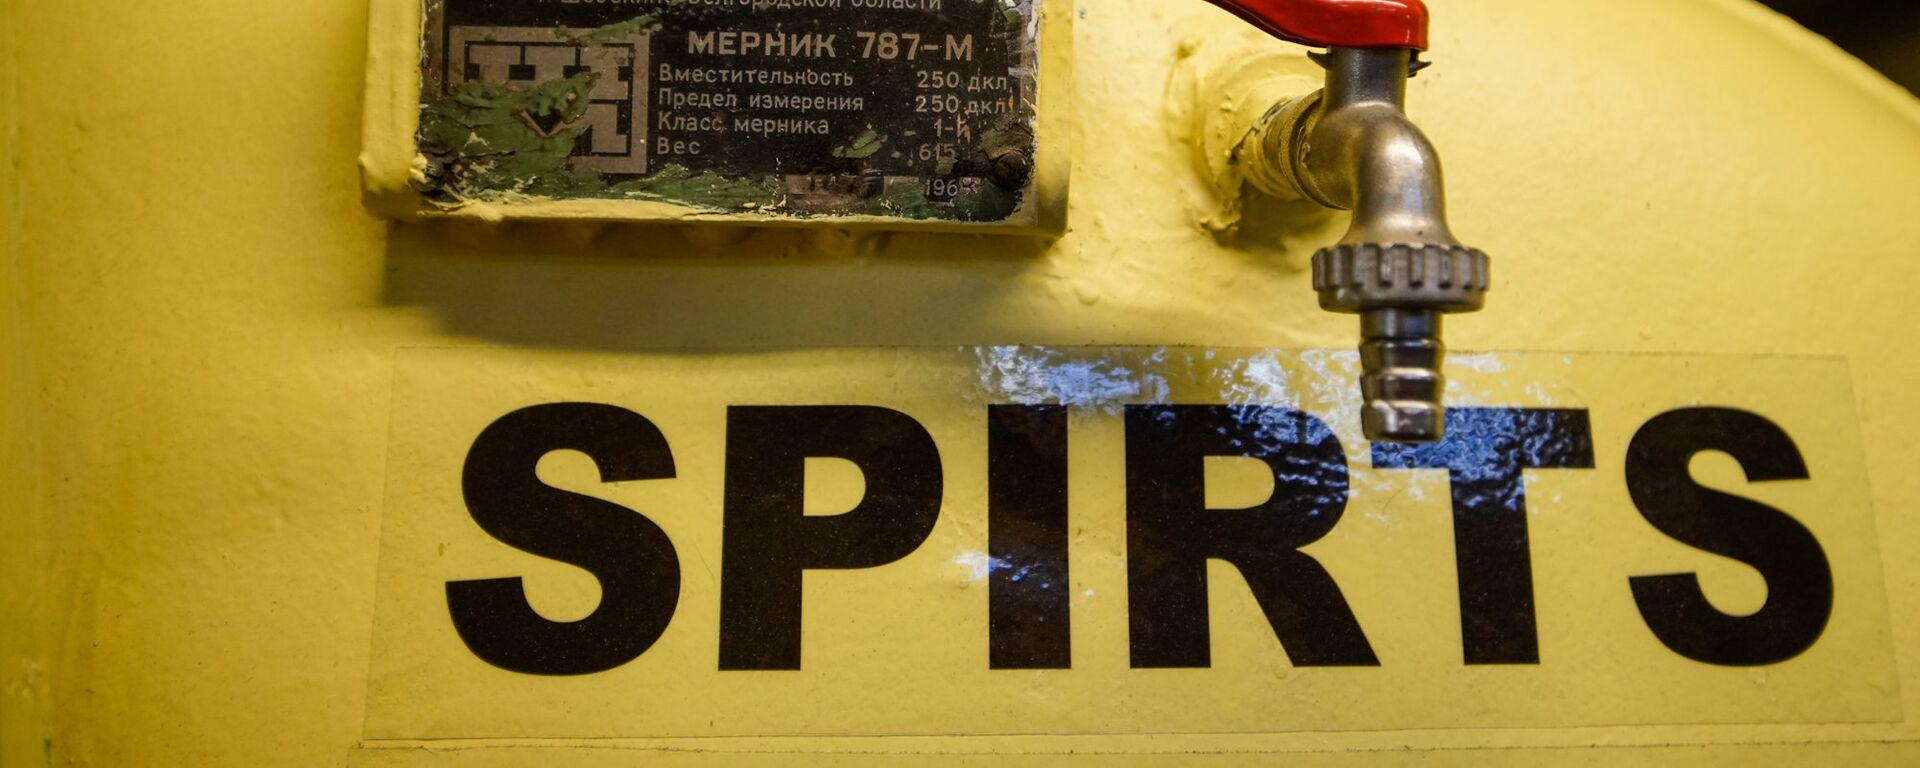 Емкость для хранения спирта - Sputnik Латвия, 1920, 08.08.2019